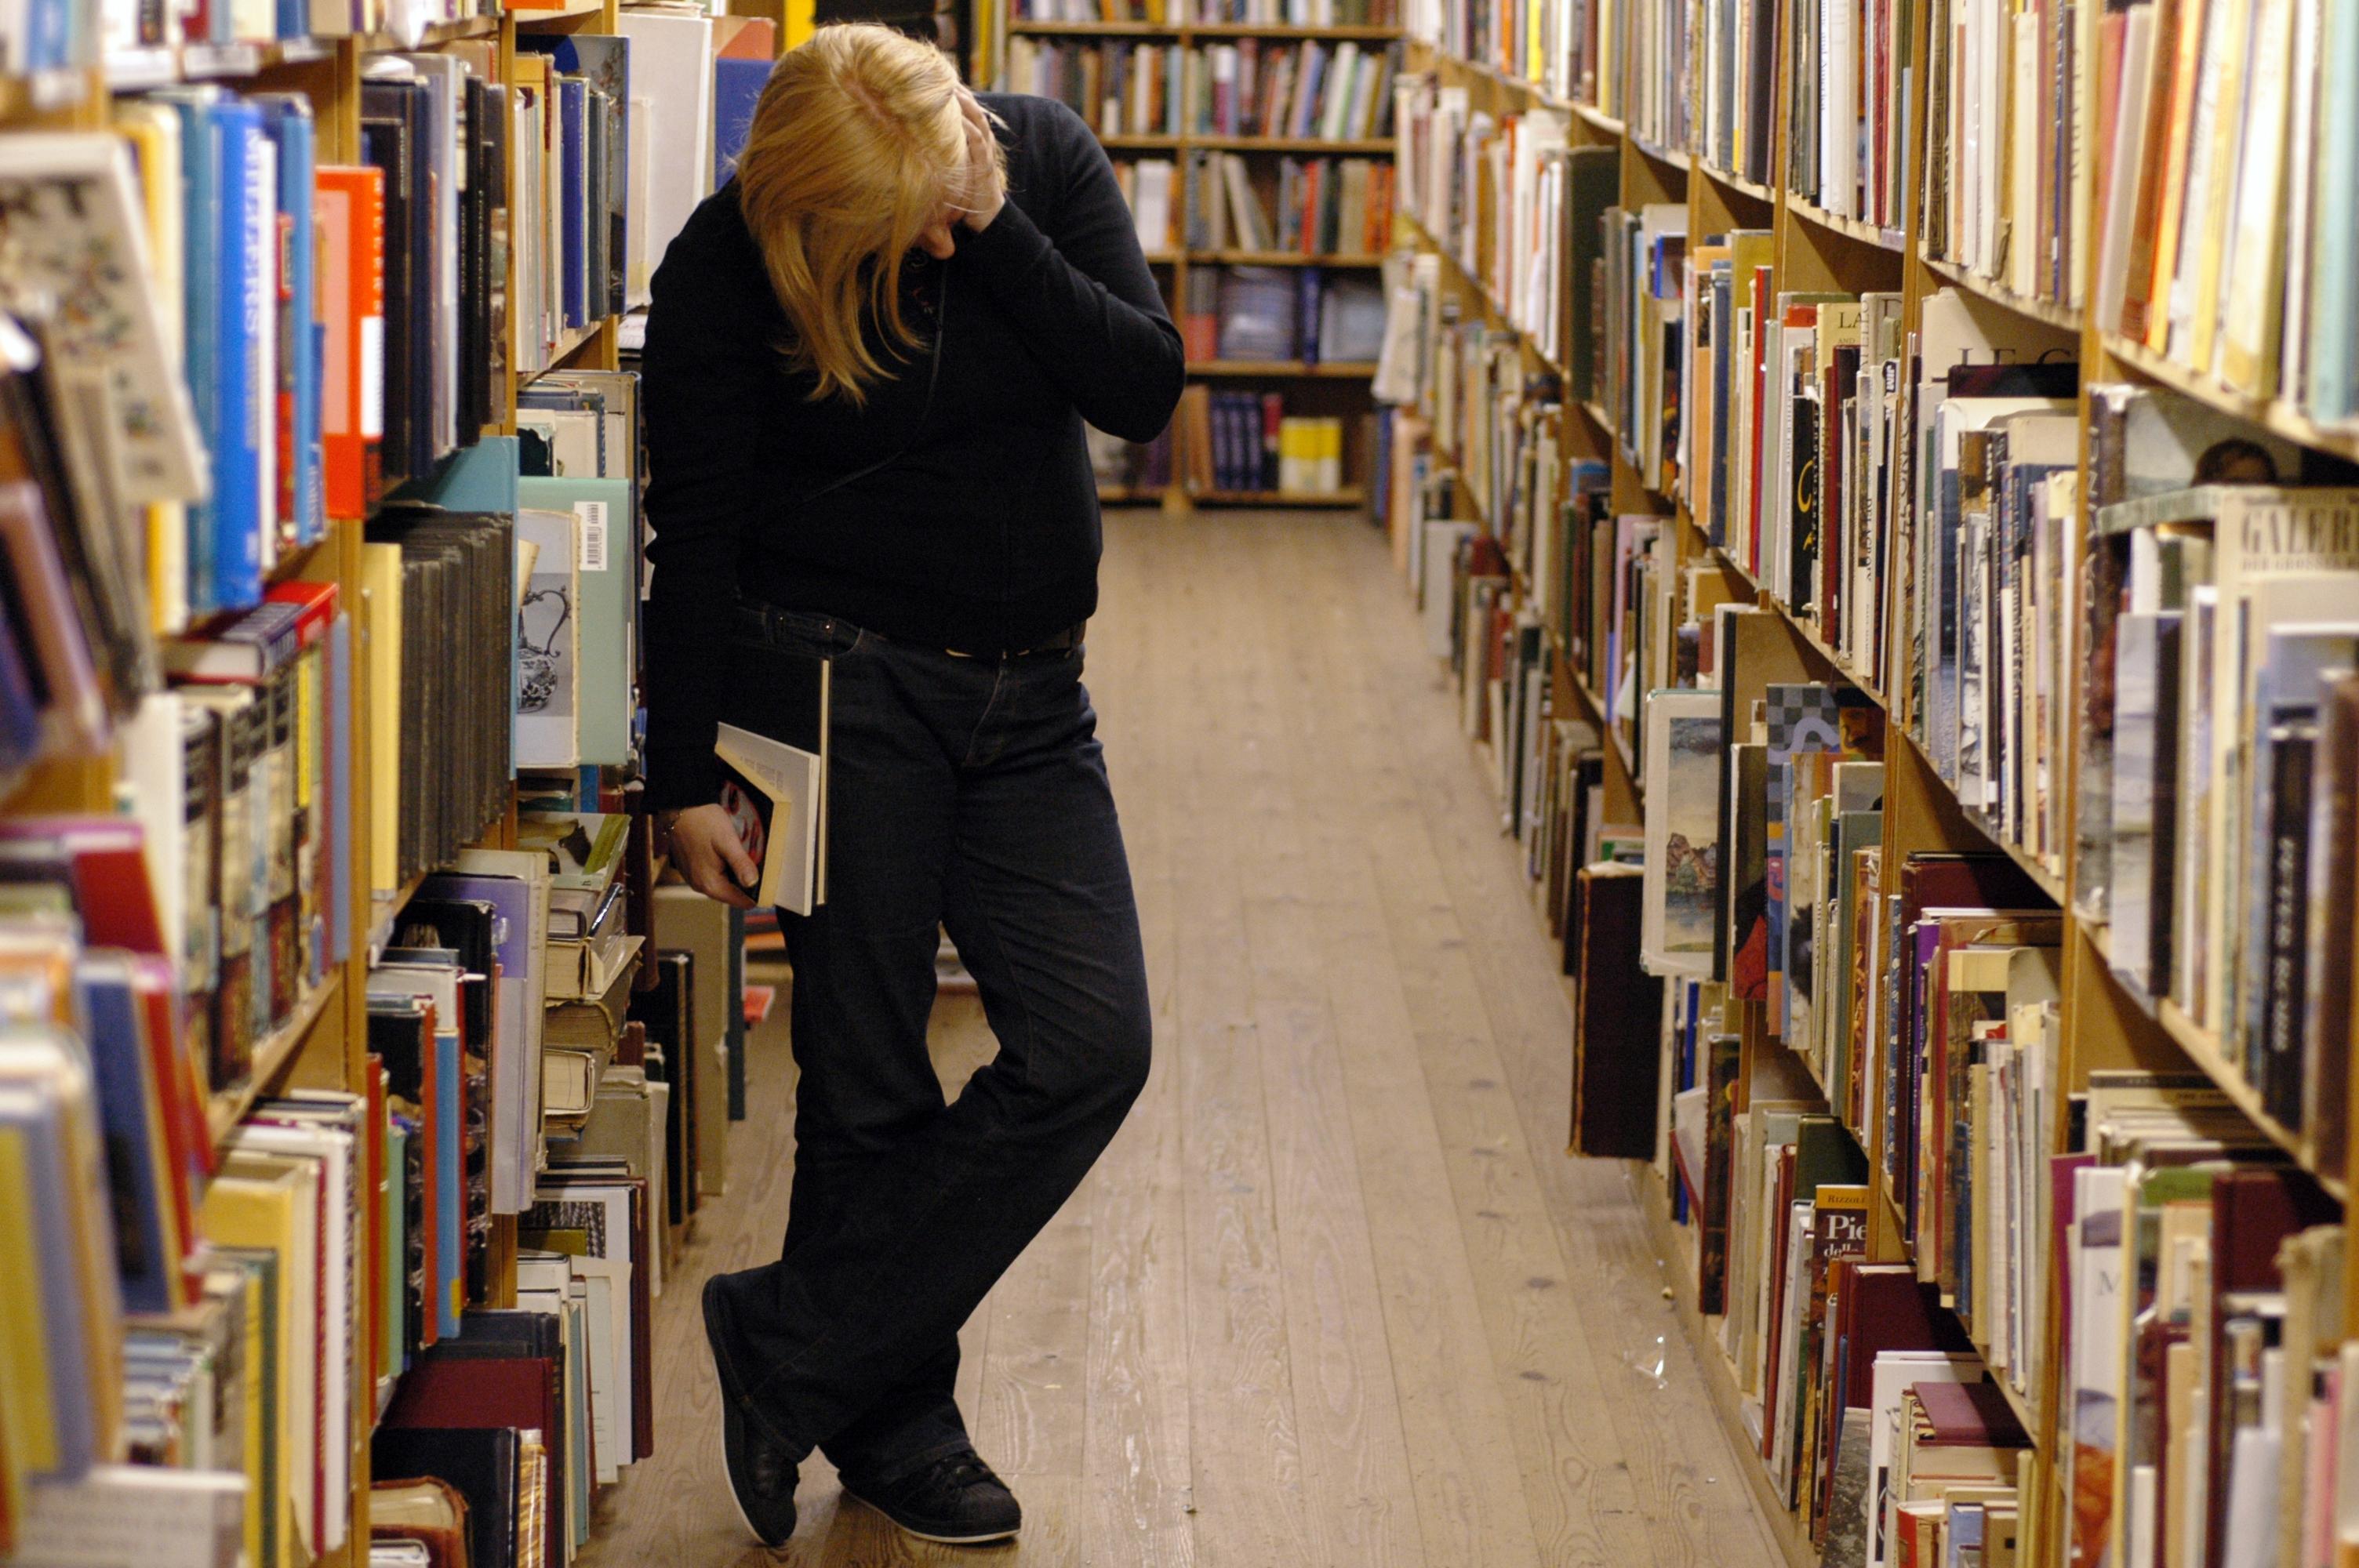 Frau stöbert in einer Bibliothek.